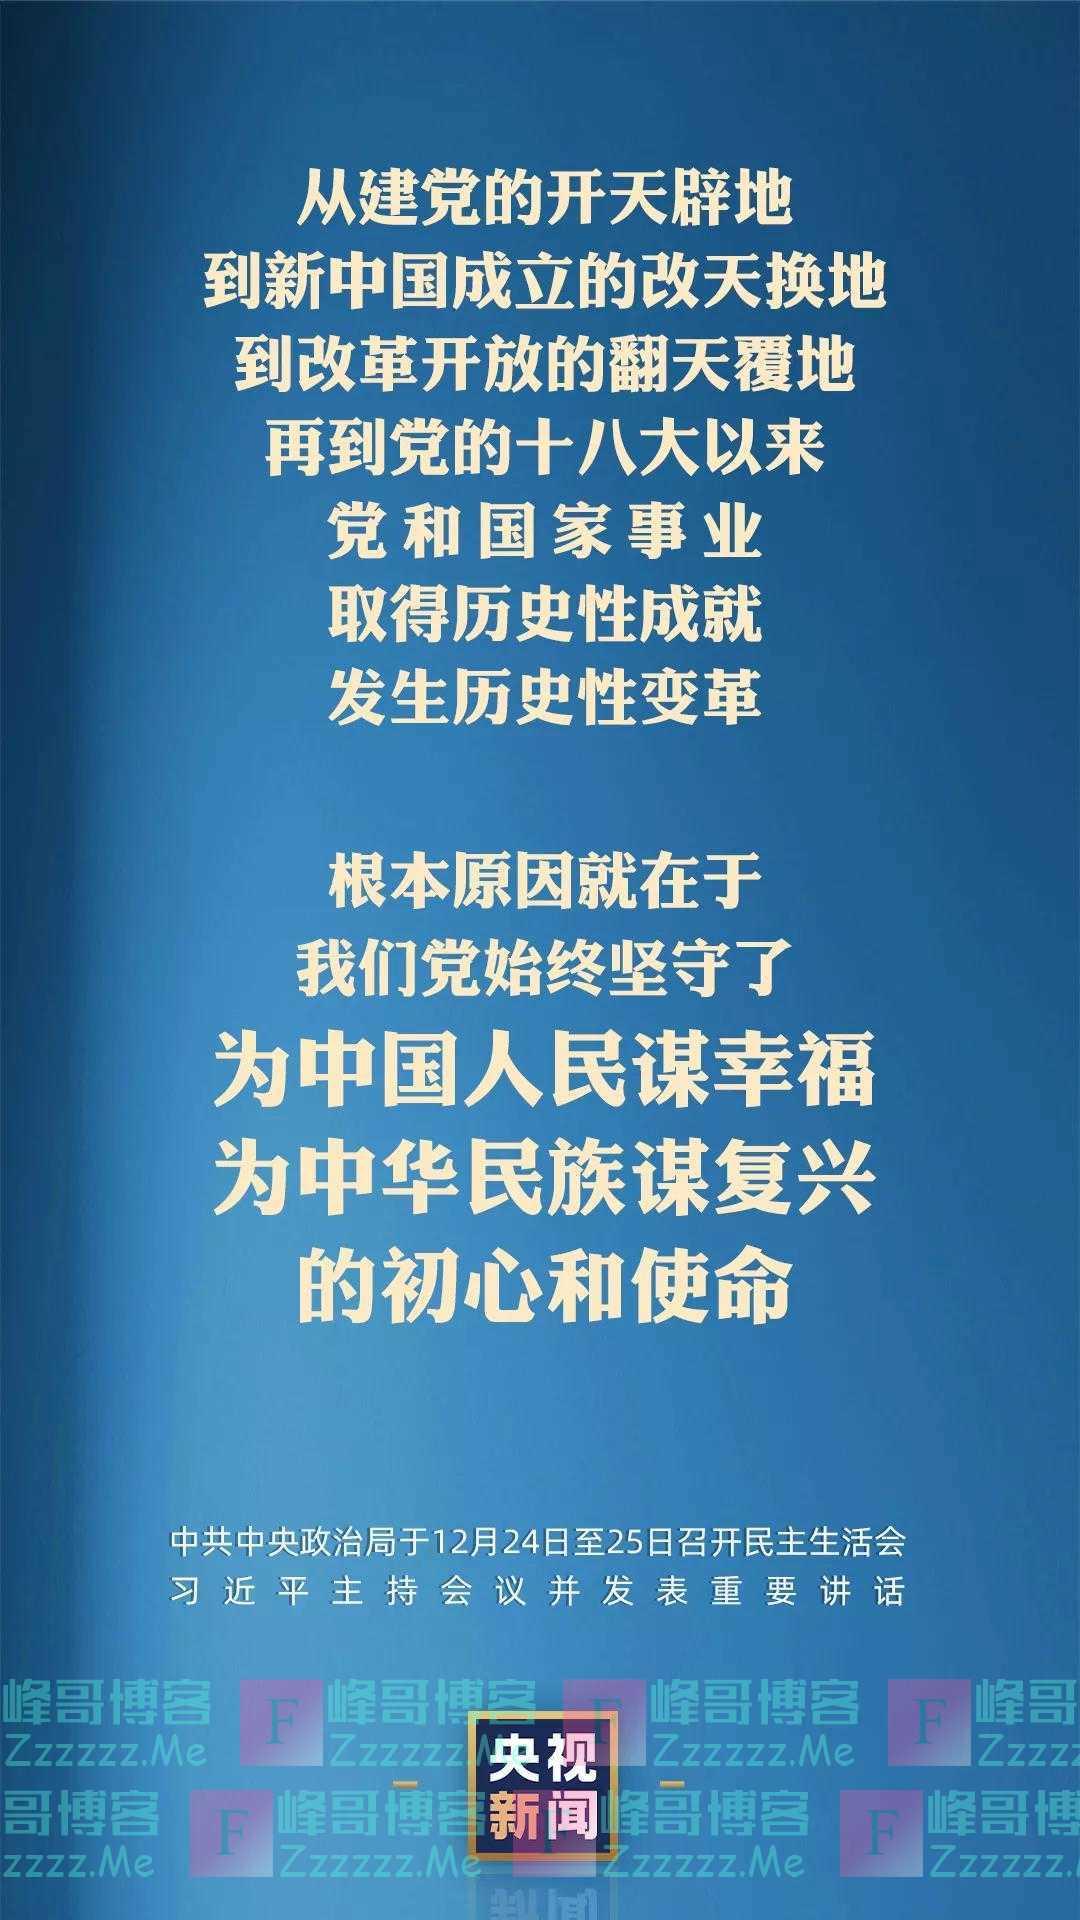 中央政治局明确2021年工作方向